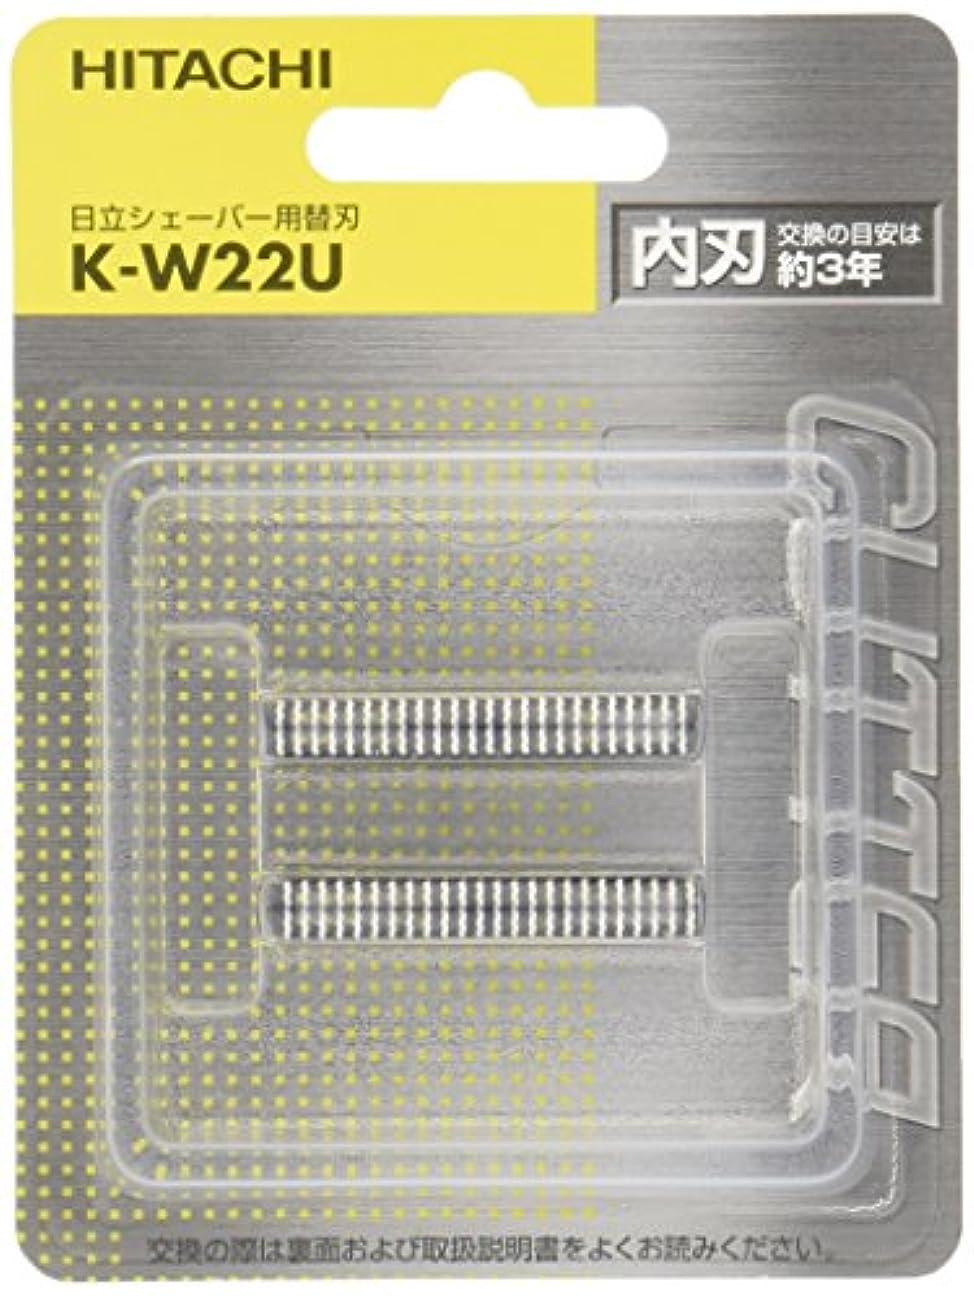 ハウジングスラックセイはさておき日立 シェーバー用替刃(内刃) K-W22U